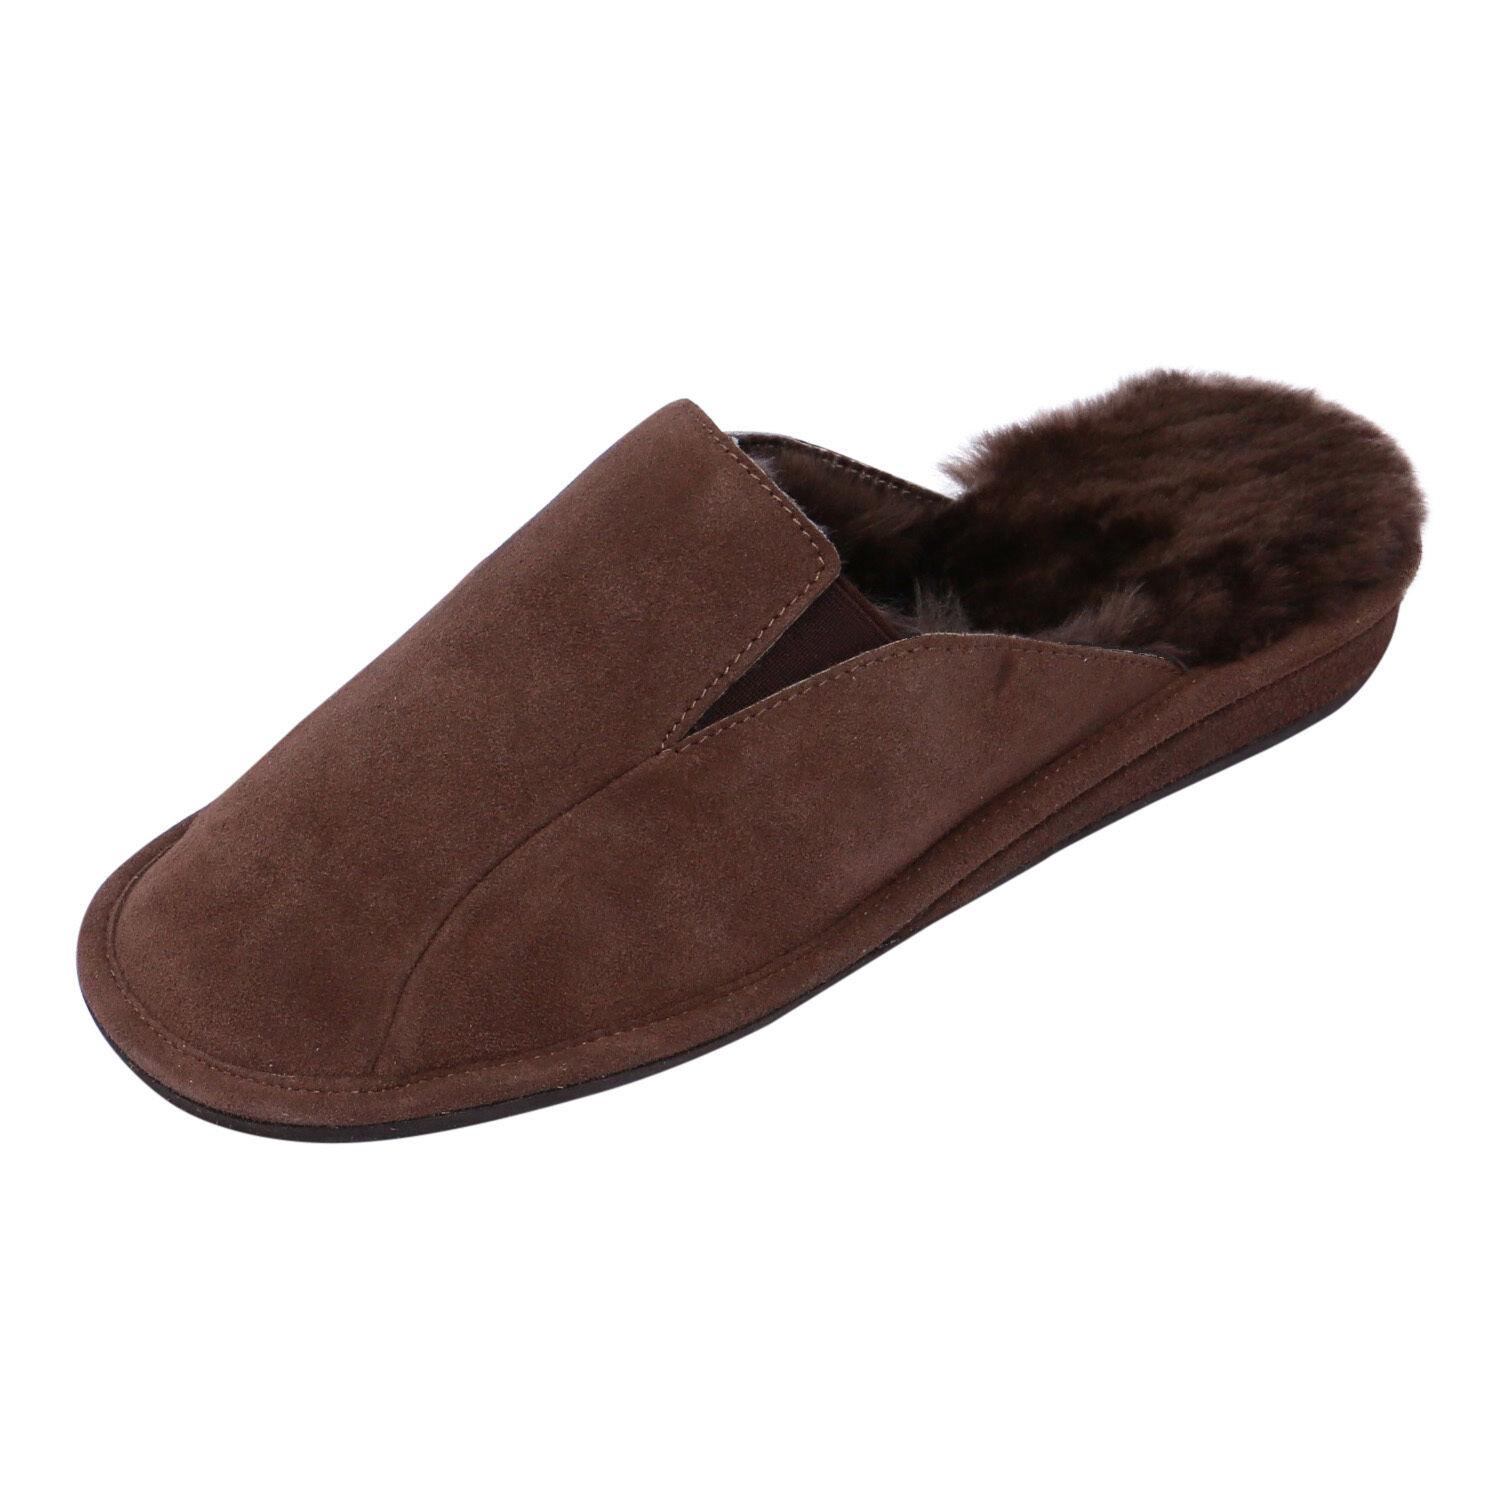 Lambskin Men's Slippers Viktor Brown Fur Shoes Slippers Slippers